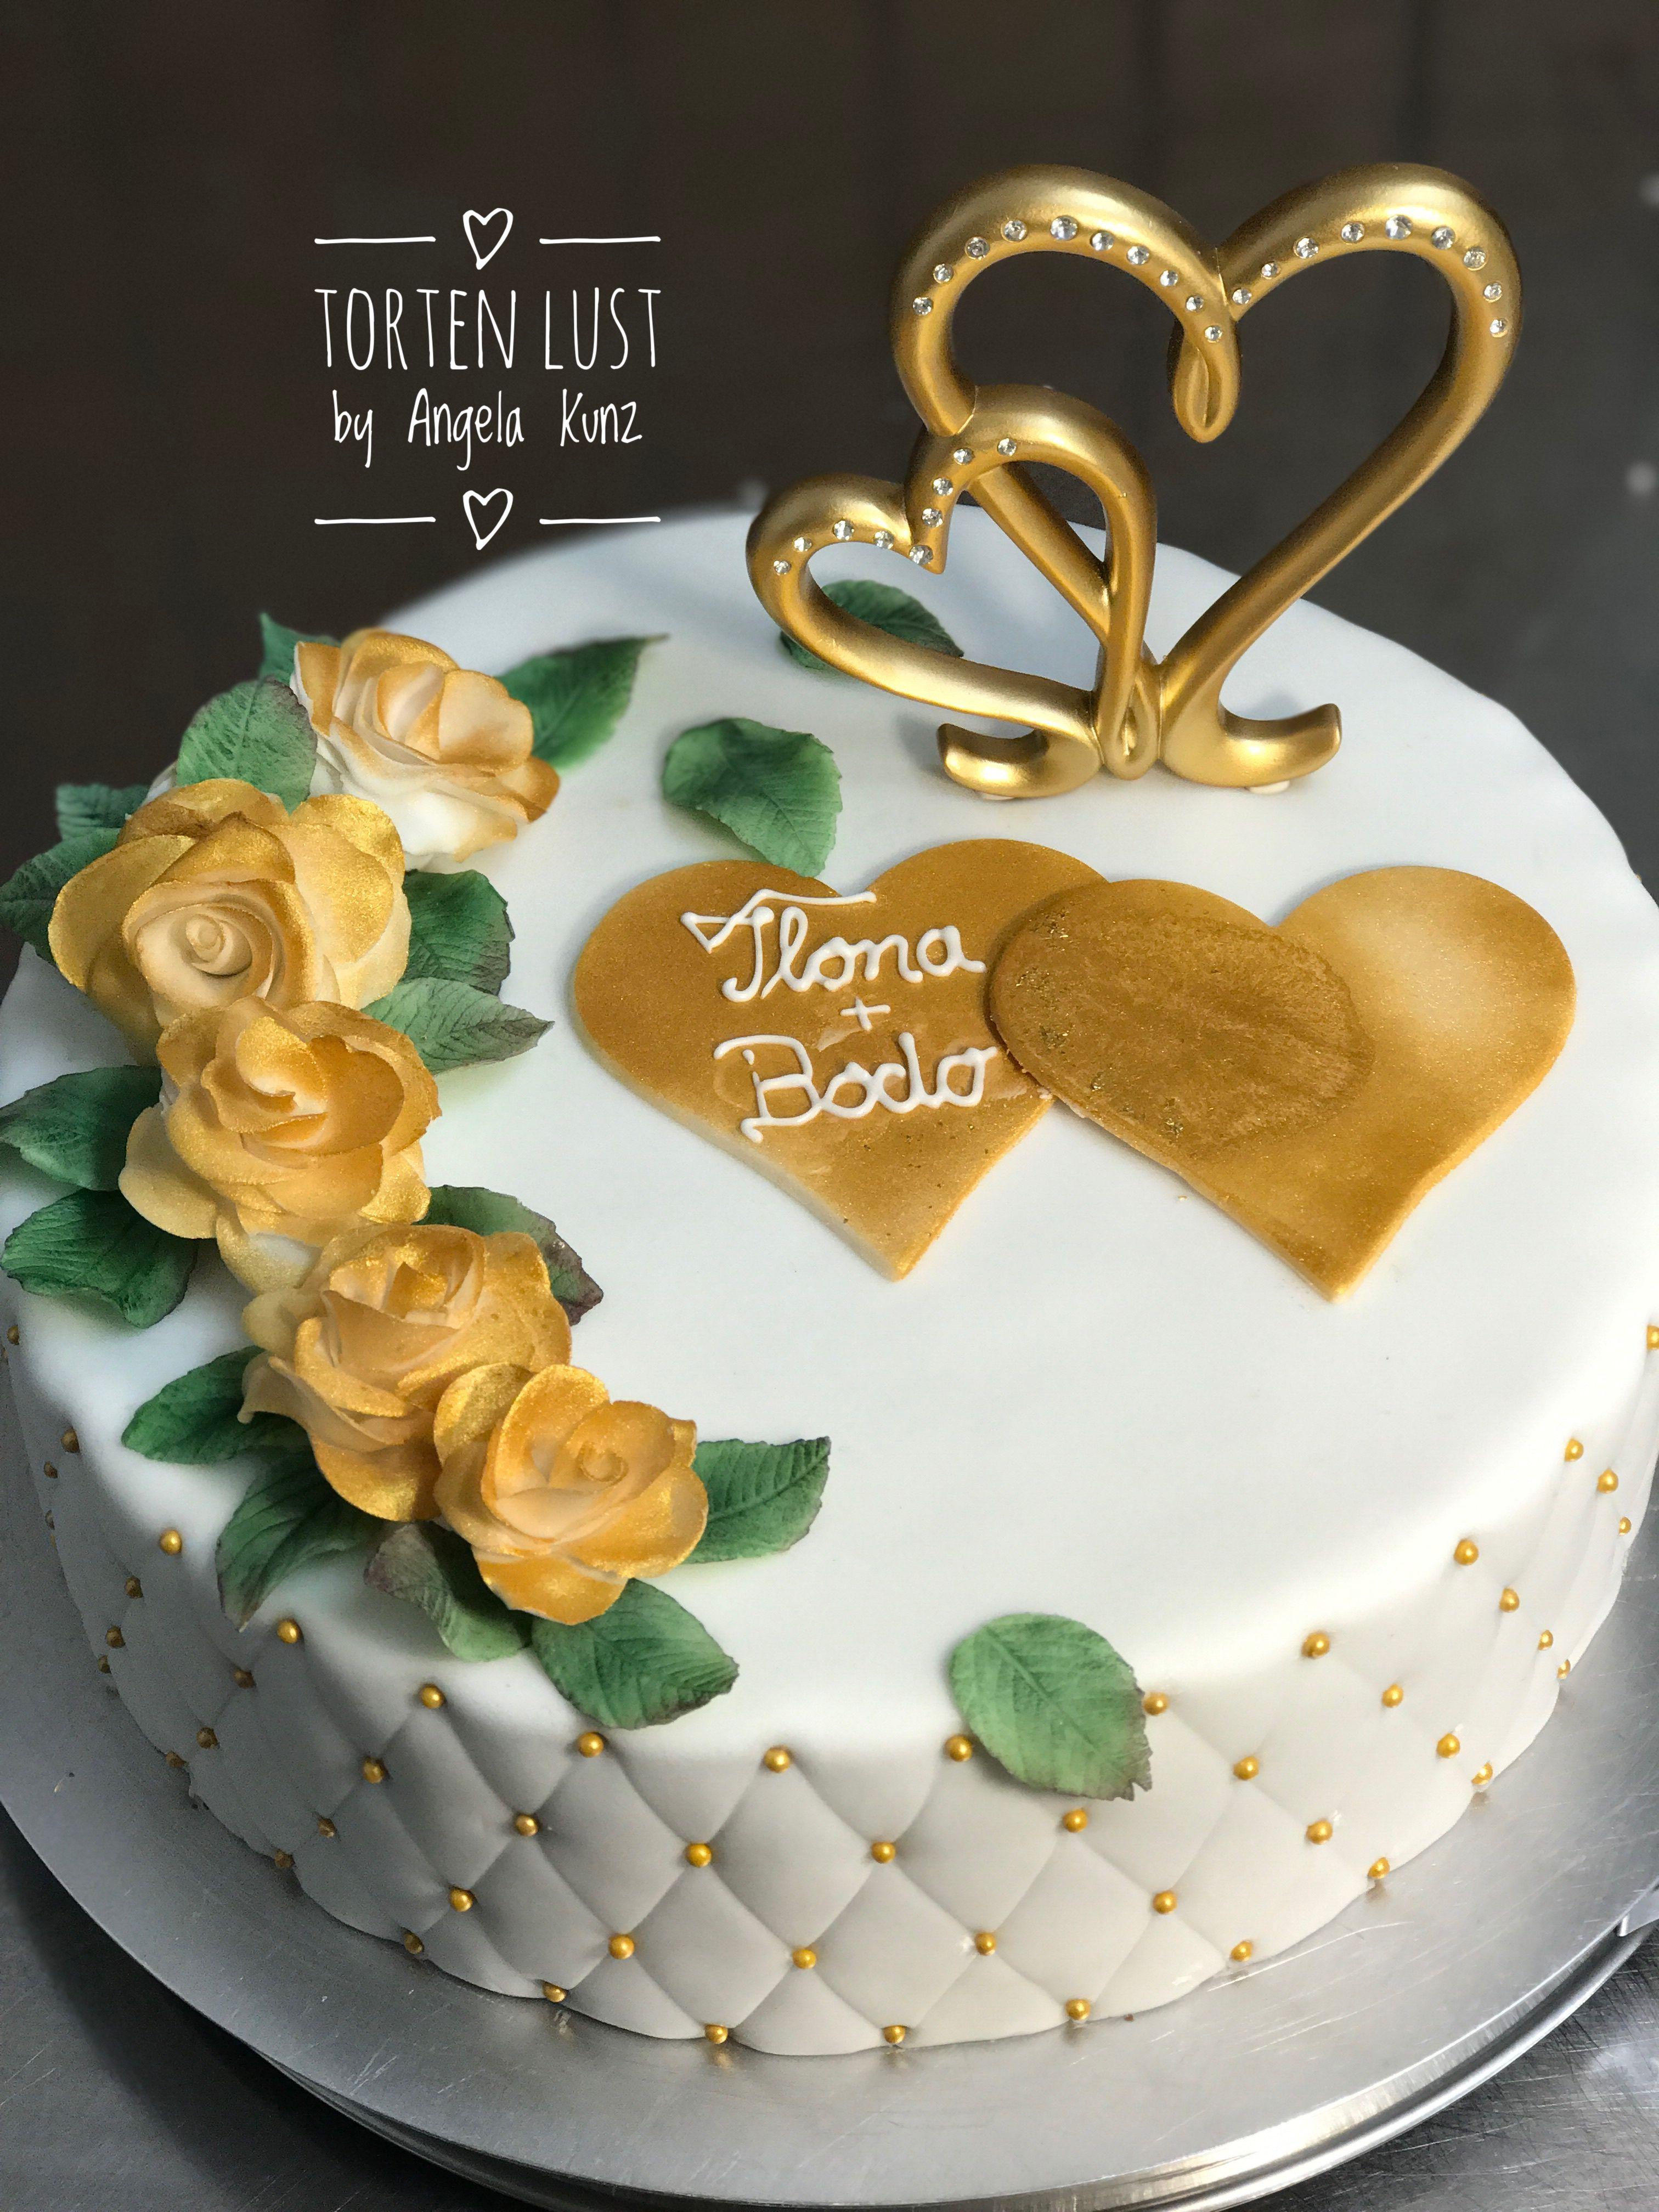 Zur Goldenen Hochzeit Torte Zur Goldenen Hochzeit Motivtorten Goldene Hochzeit Goldene Hochzeit